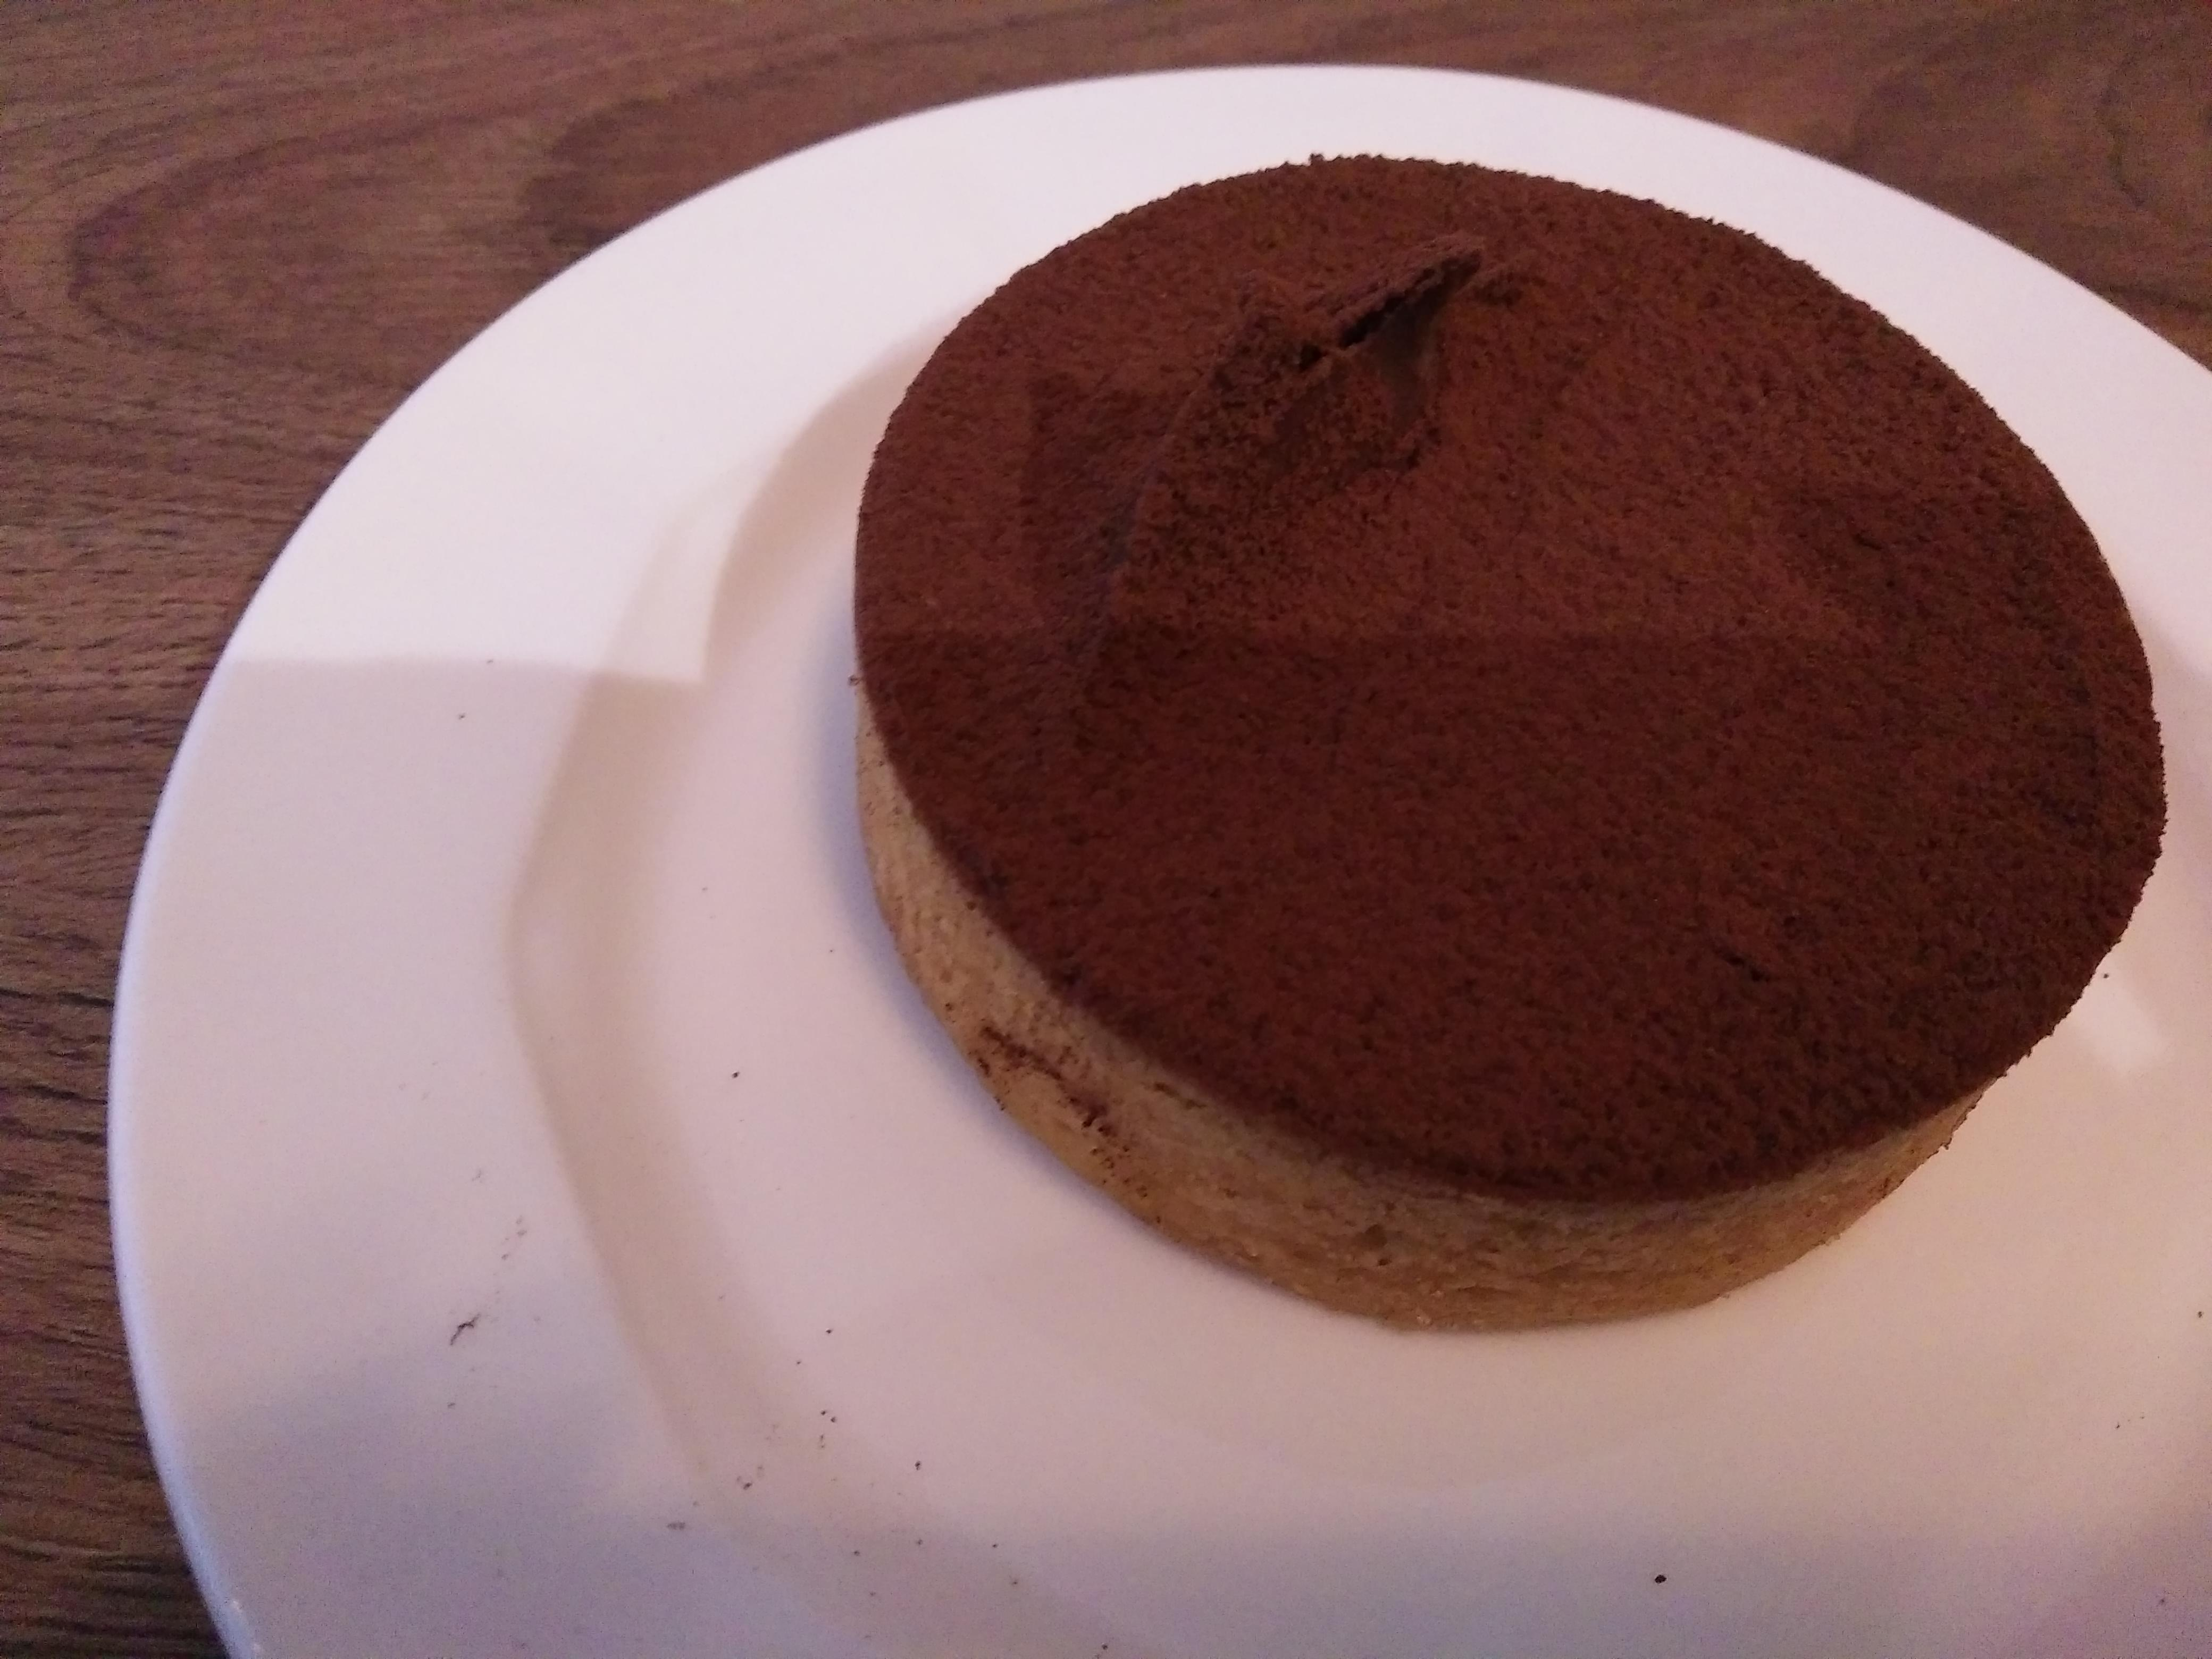 台北市南港昆陽站咖啡店 BOCY Patisserie & Bistro 寶希甜點好食光 生巧克力塔